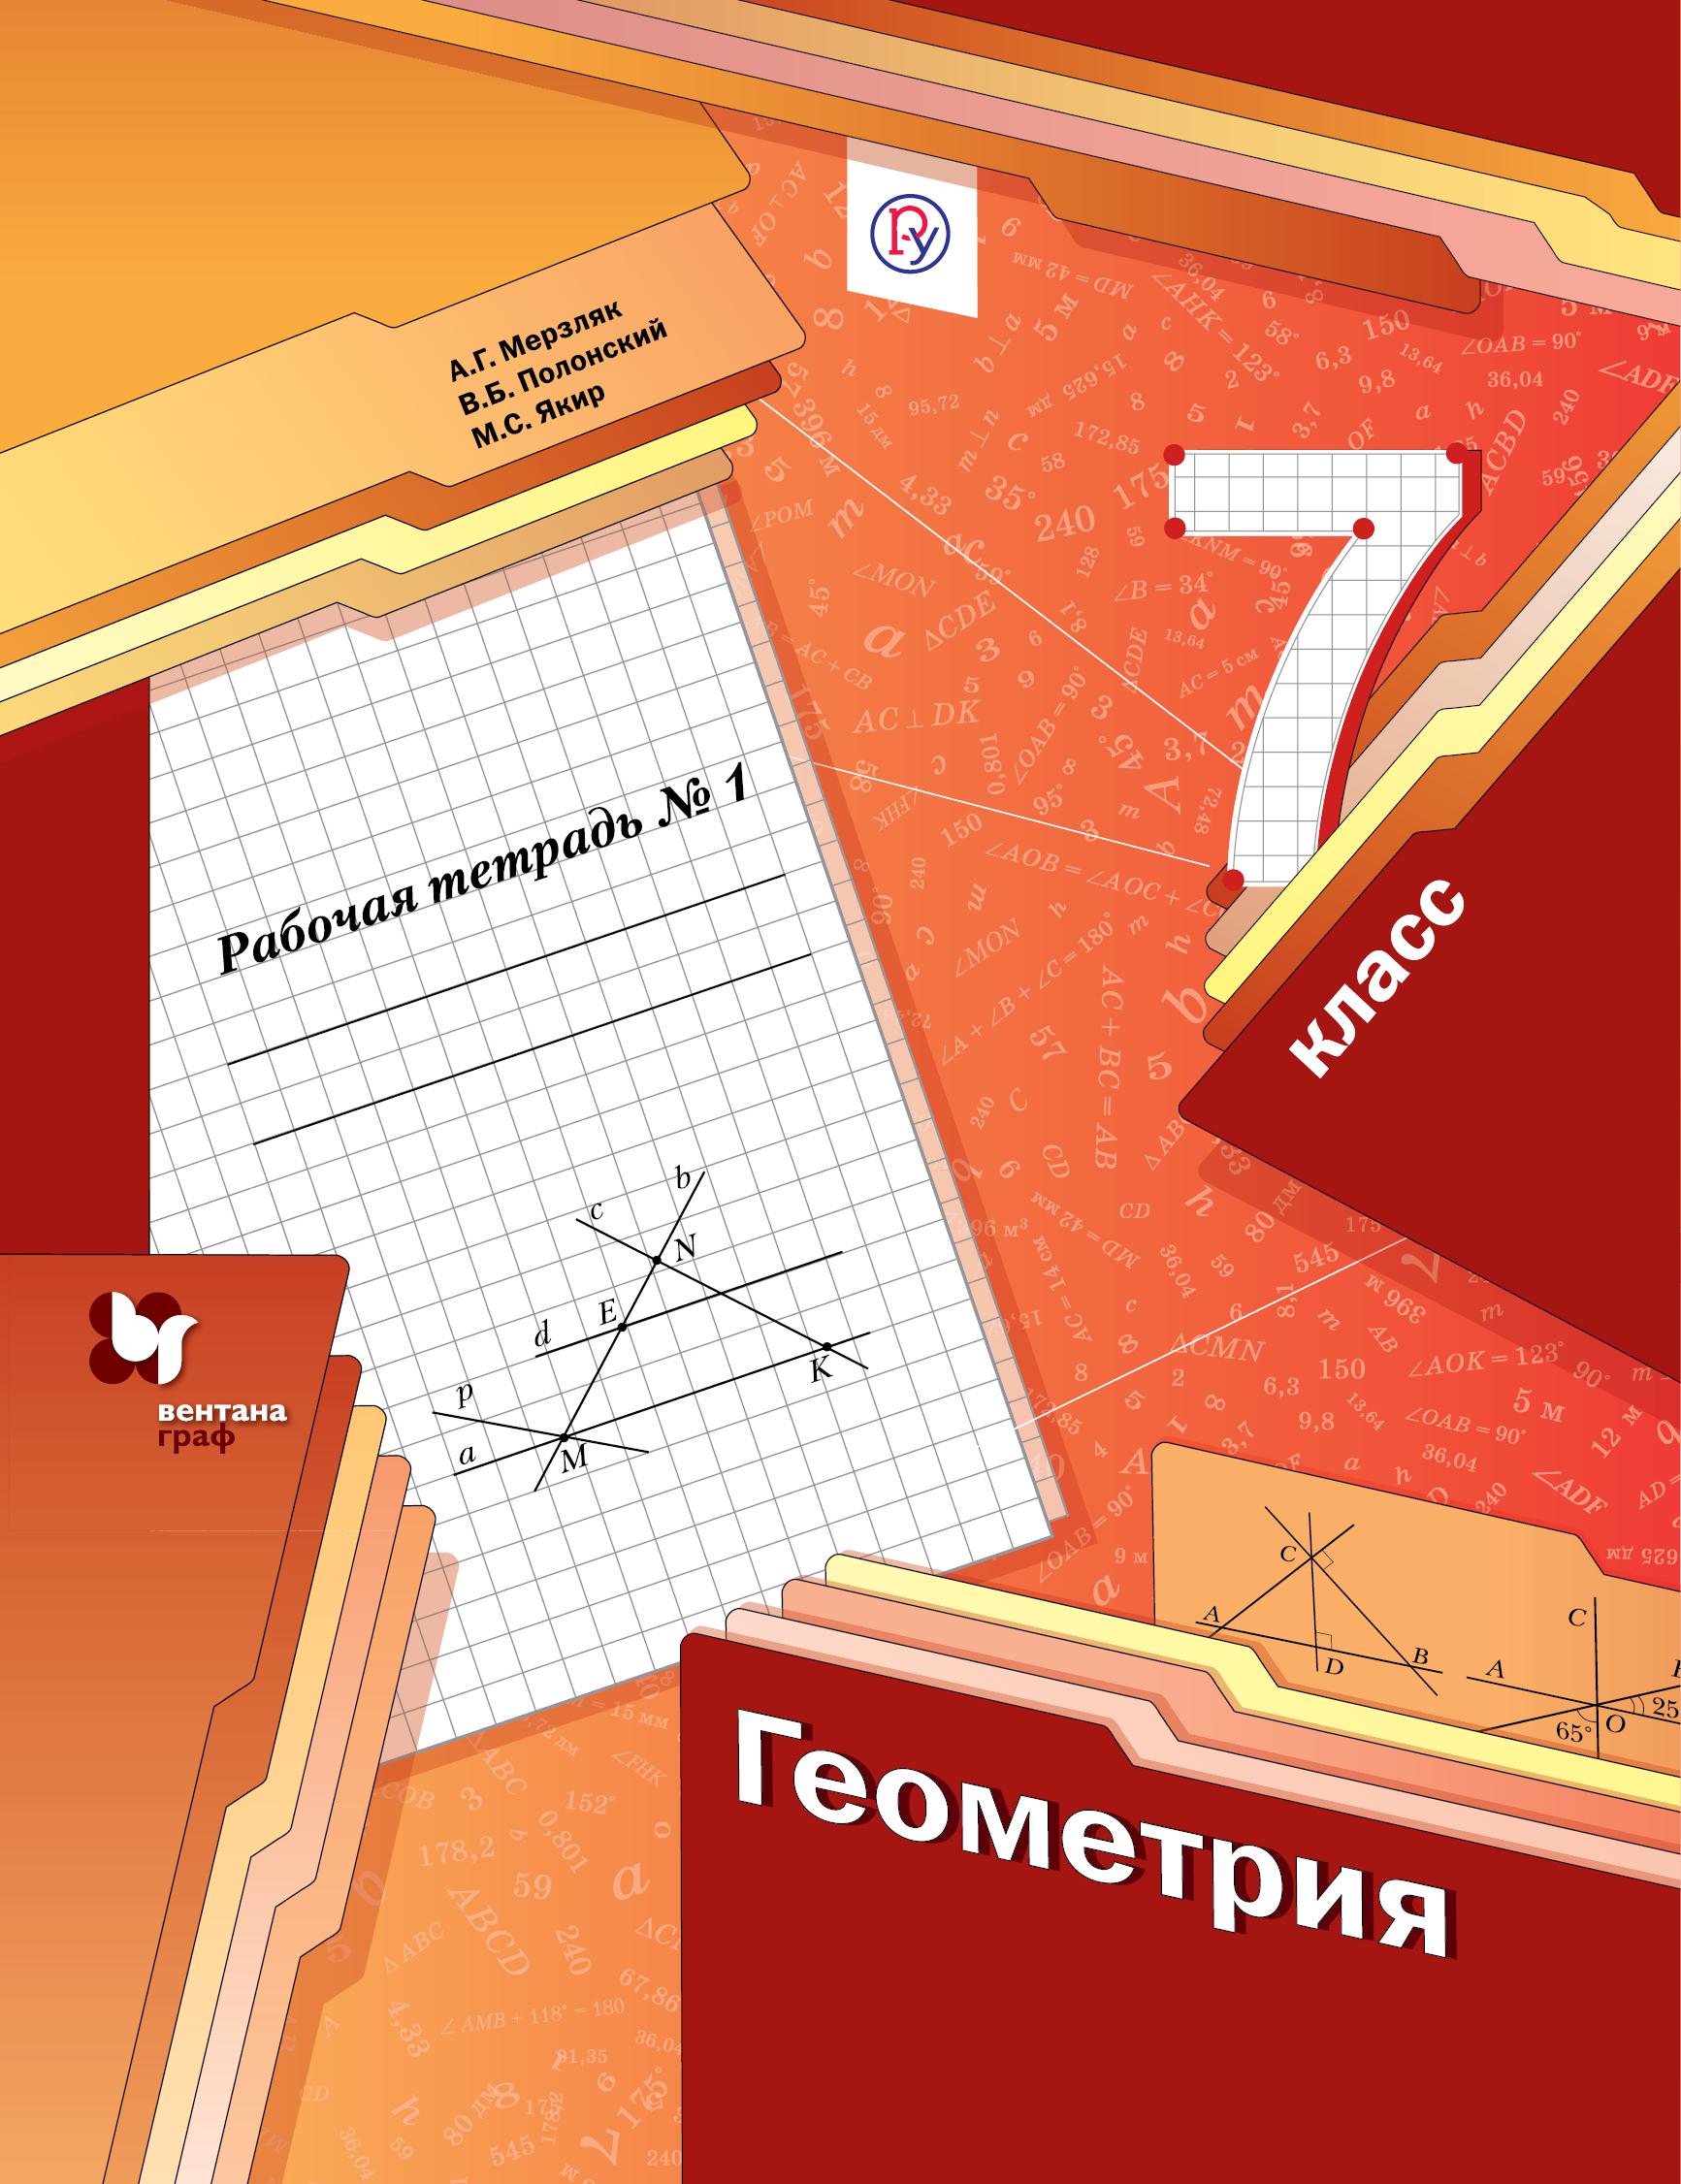 МерзлякА.Г., ПолонскийВ.Б., ЯкирМ.С. Геометрия. 7клаcc. Рабочая тетрадь №1 цена в Москве и Питере